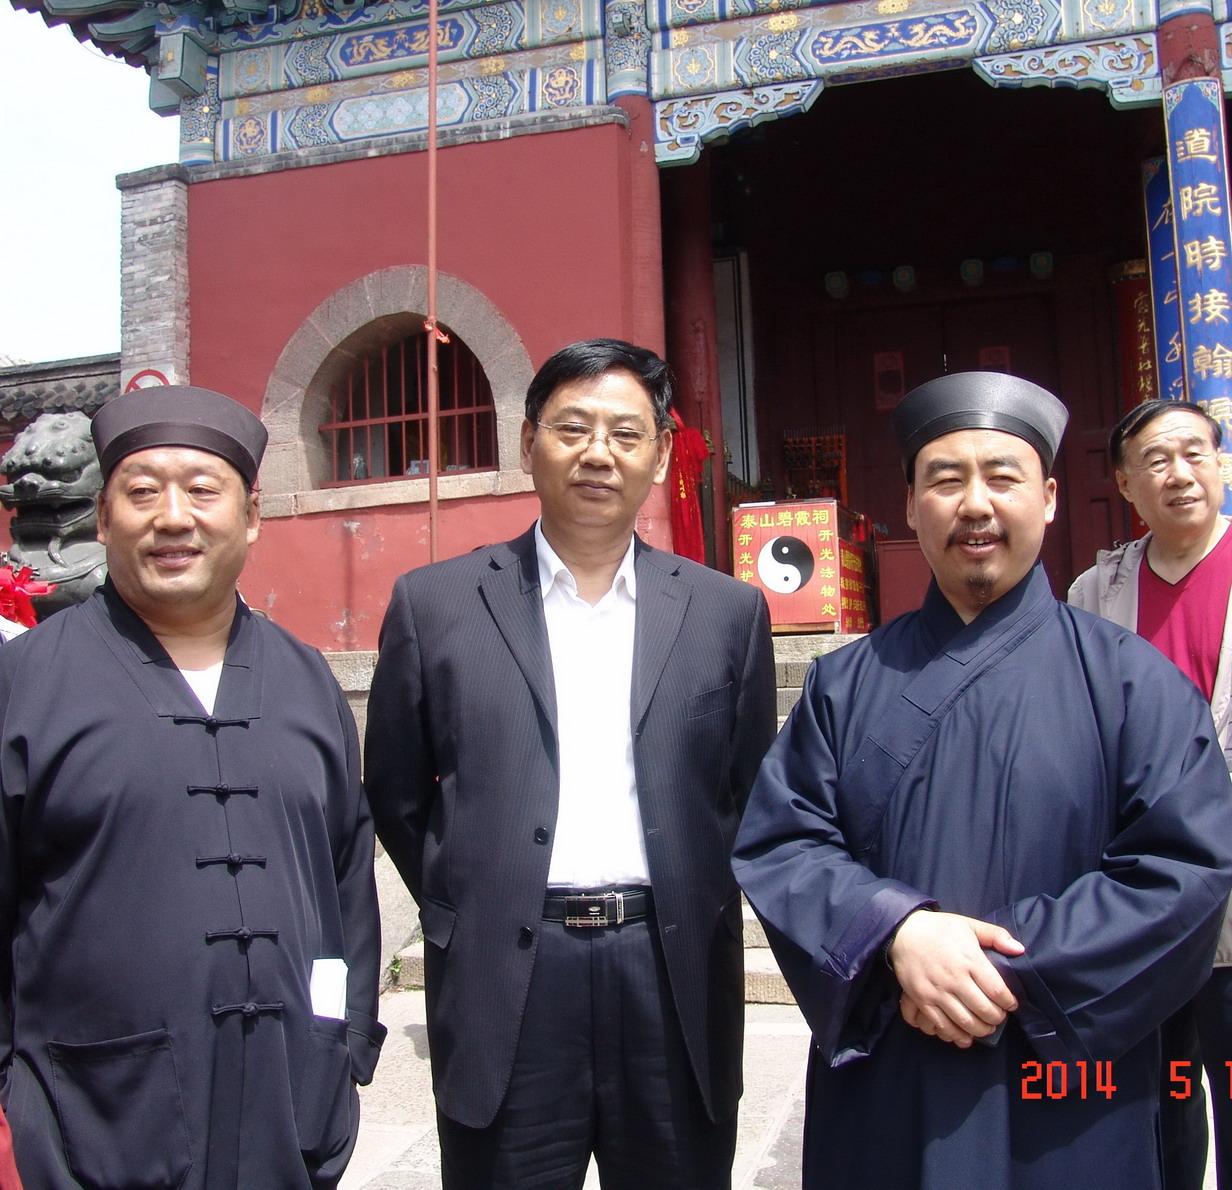 山东当代书画摄影艺术交流中心,济南兰亭书法院的负责人,部分书法家图片